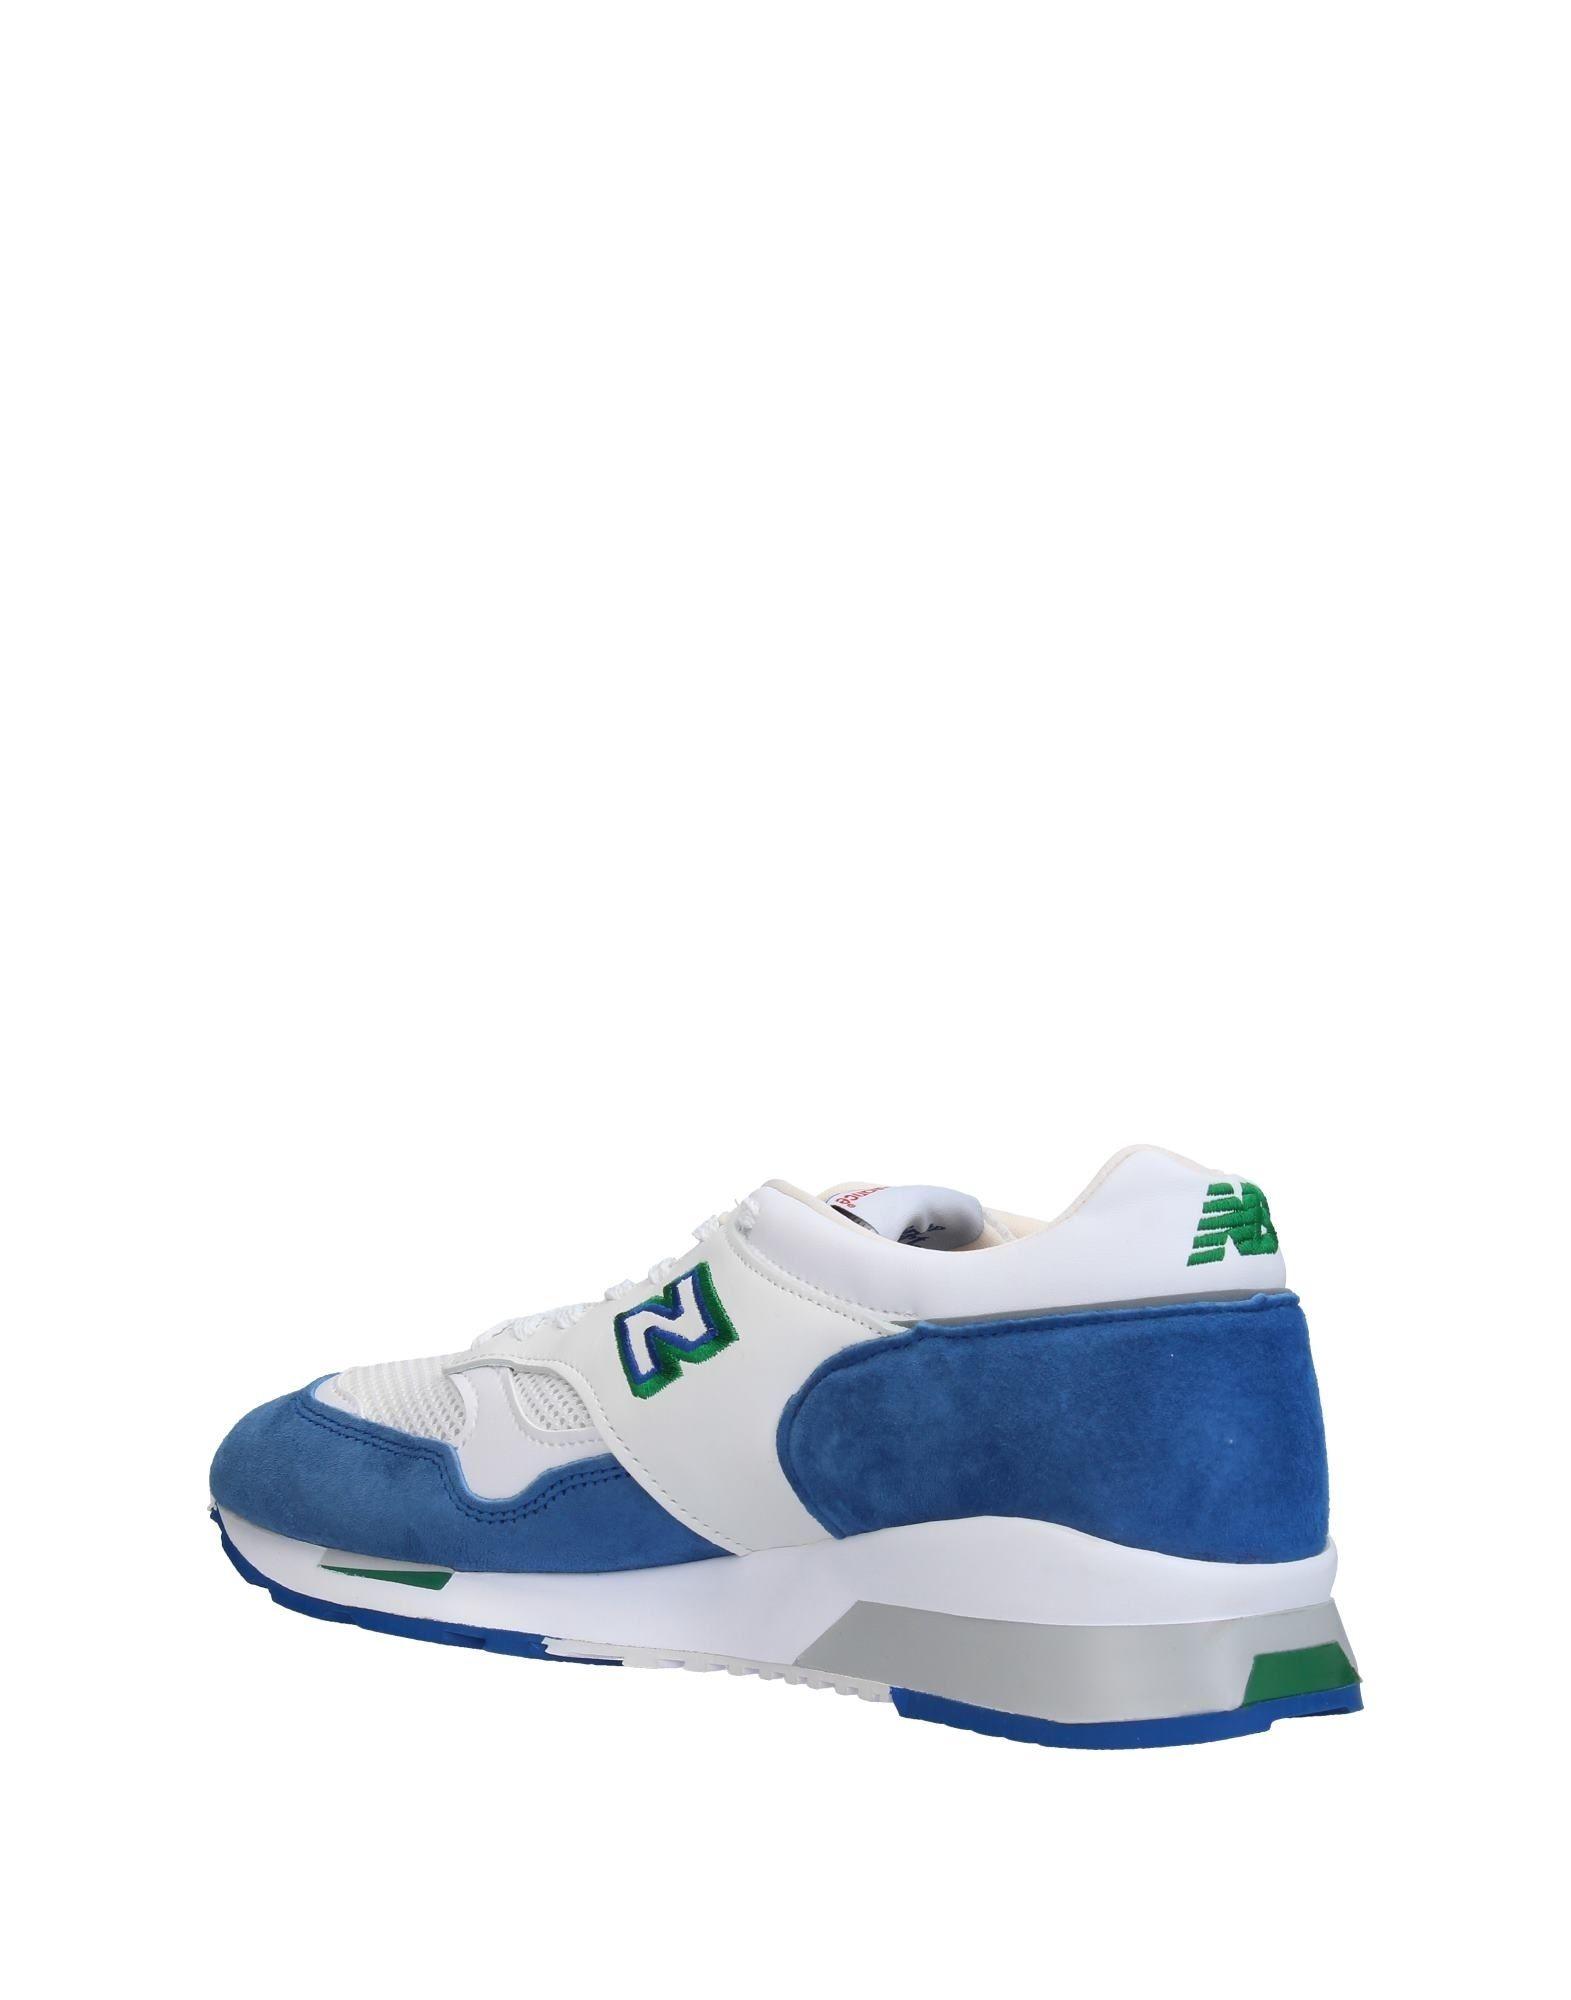 New Balance Balance New Sneakers Herren Gutes Preis-Leistungs-Verhältnis, es lohnt sich 519dd2